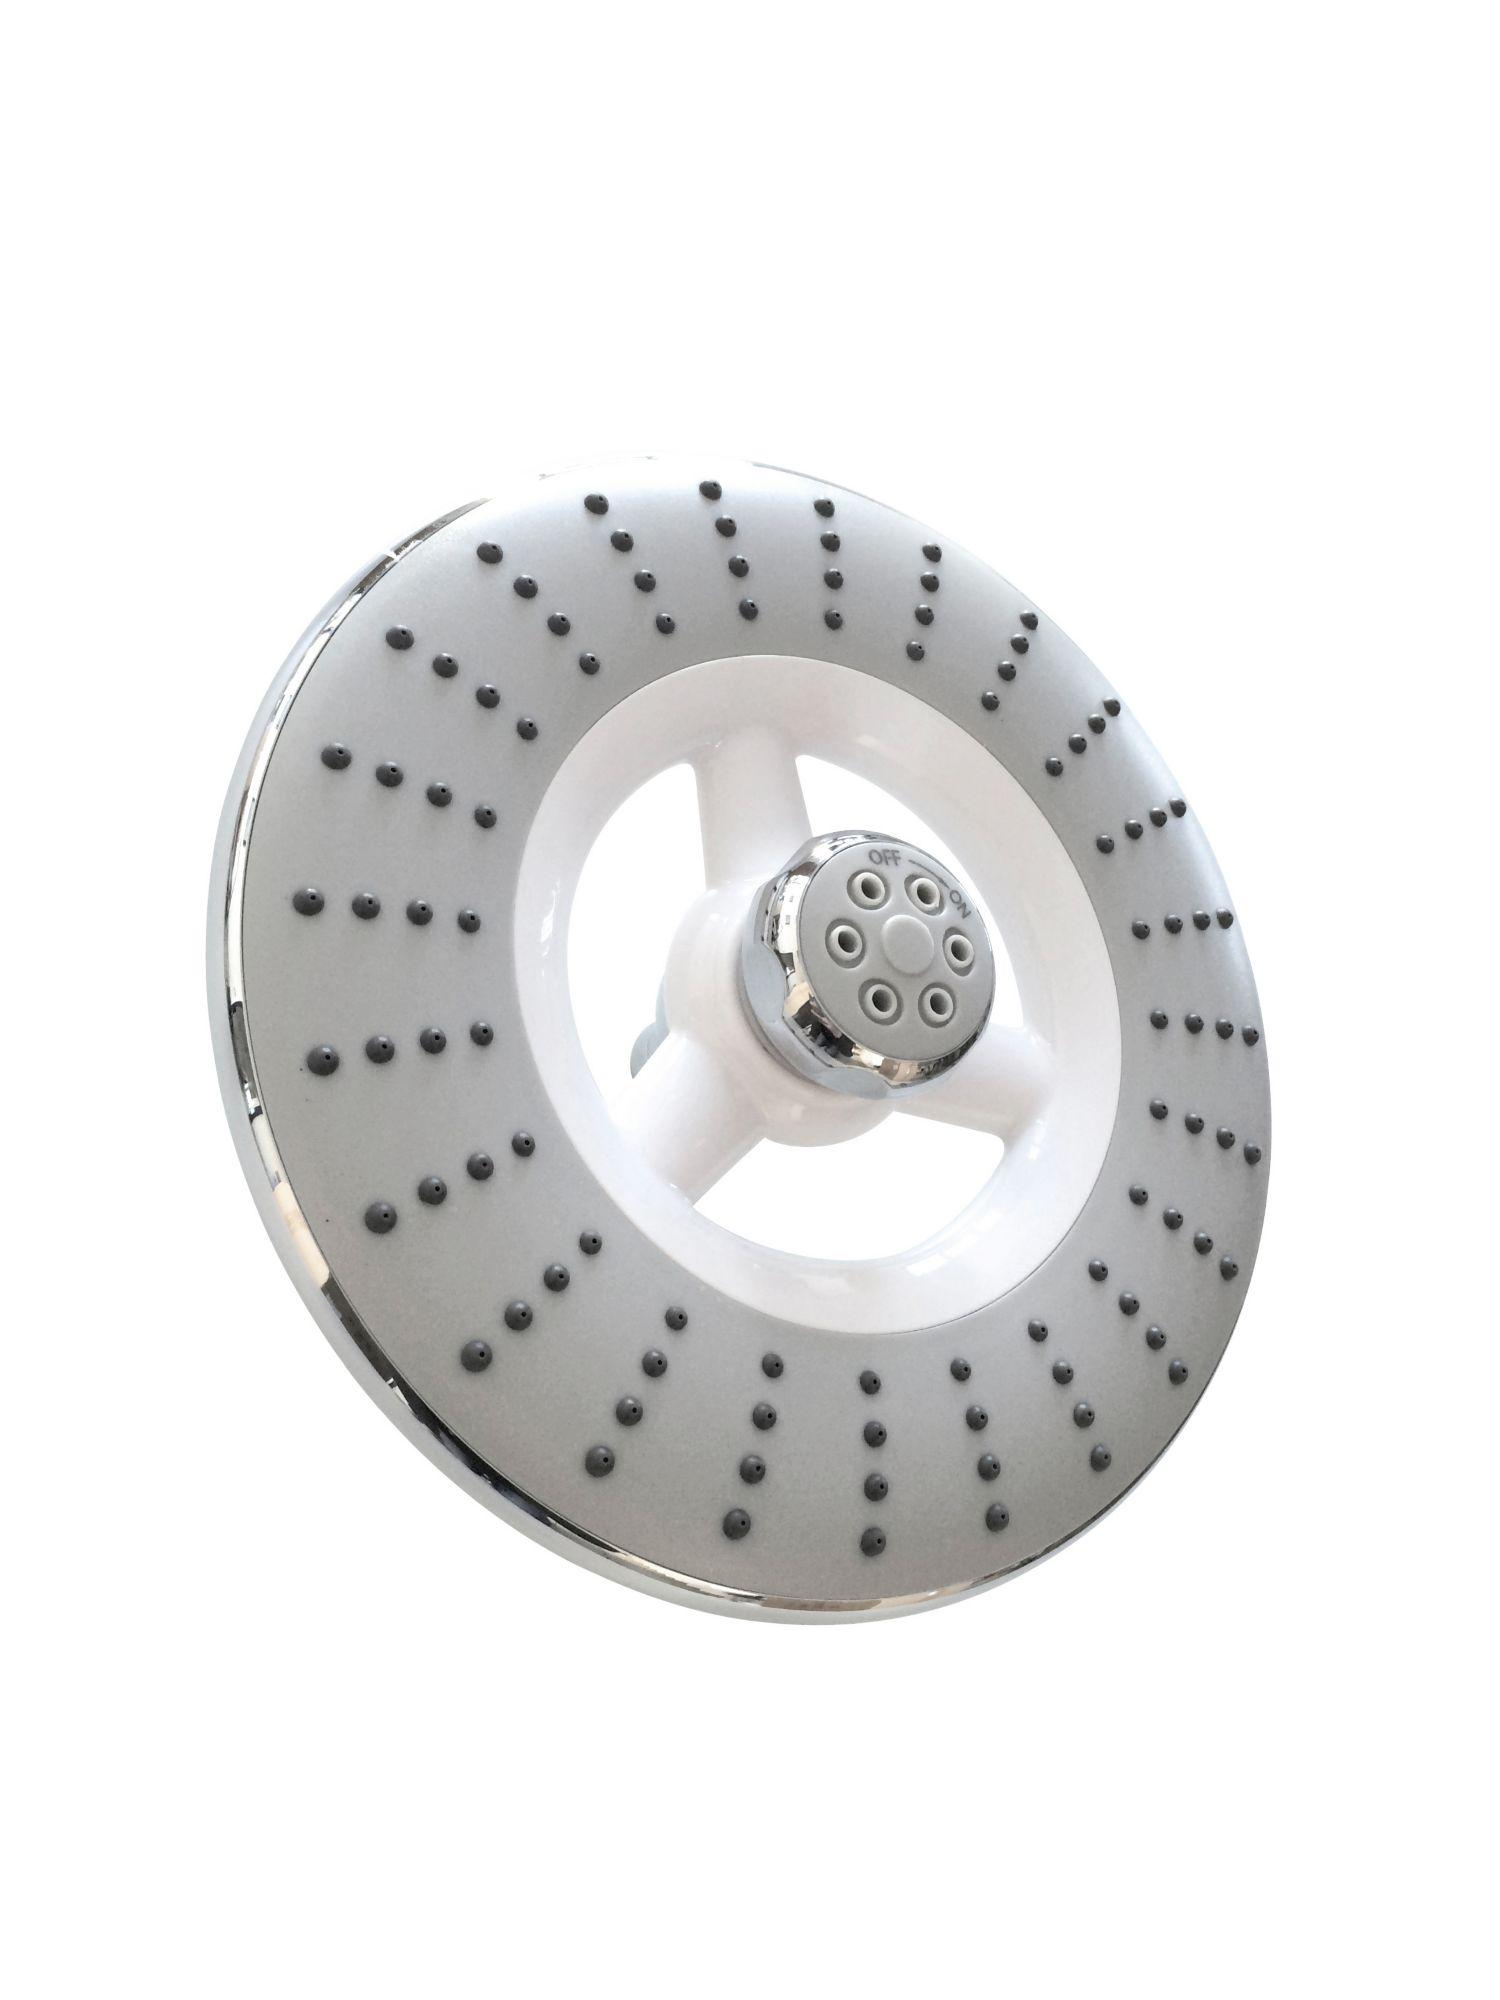 ADOB Adob Überkopfbrause »Space« Durchmesser 24 cm